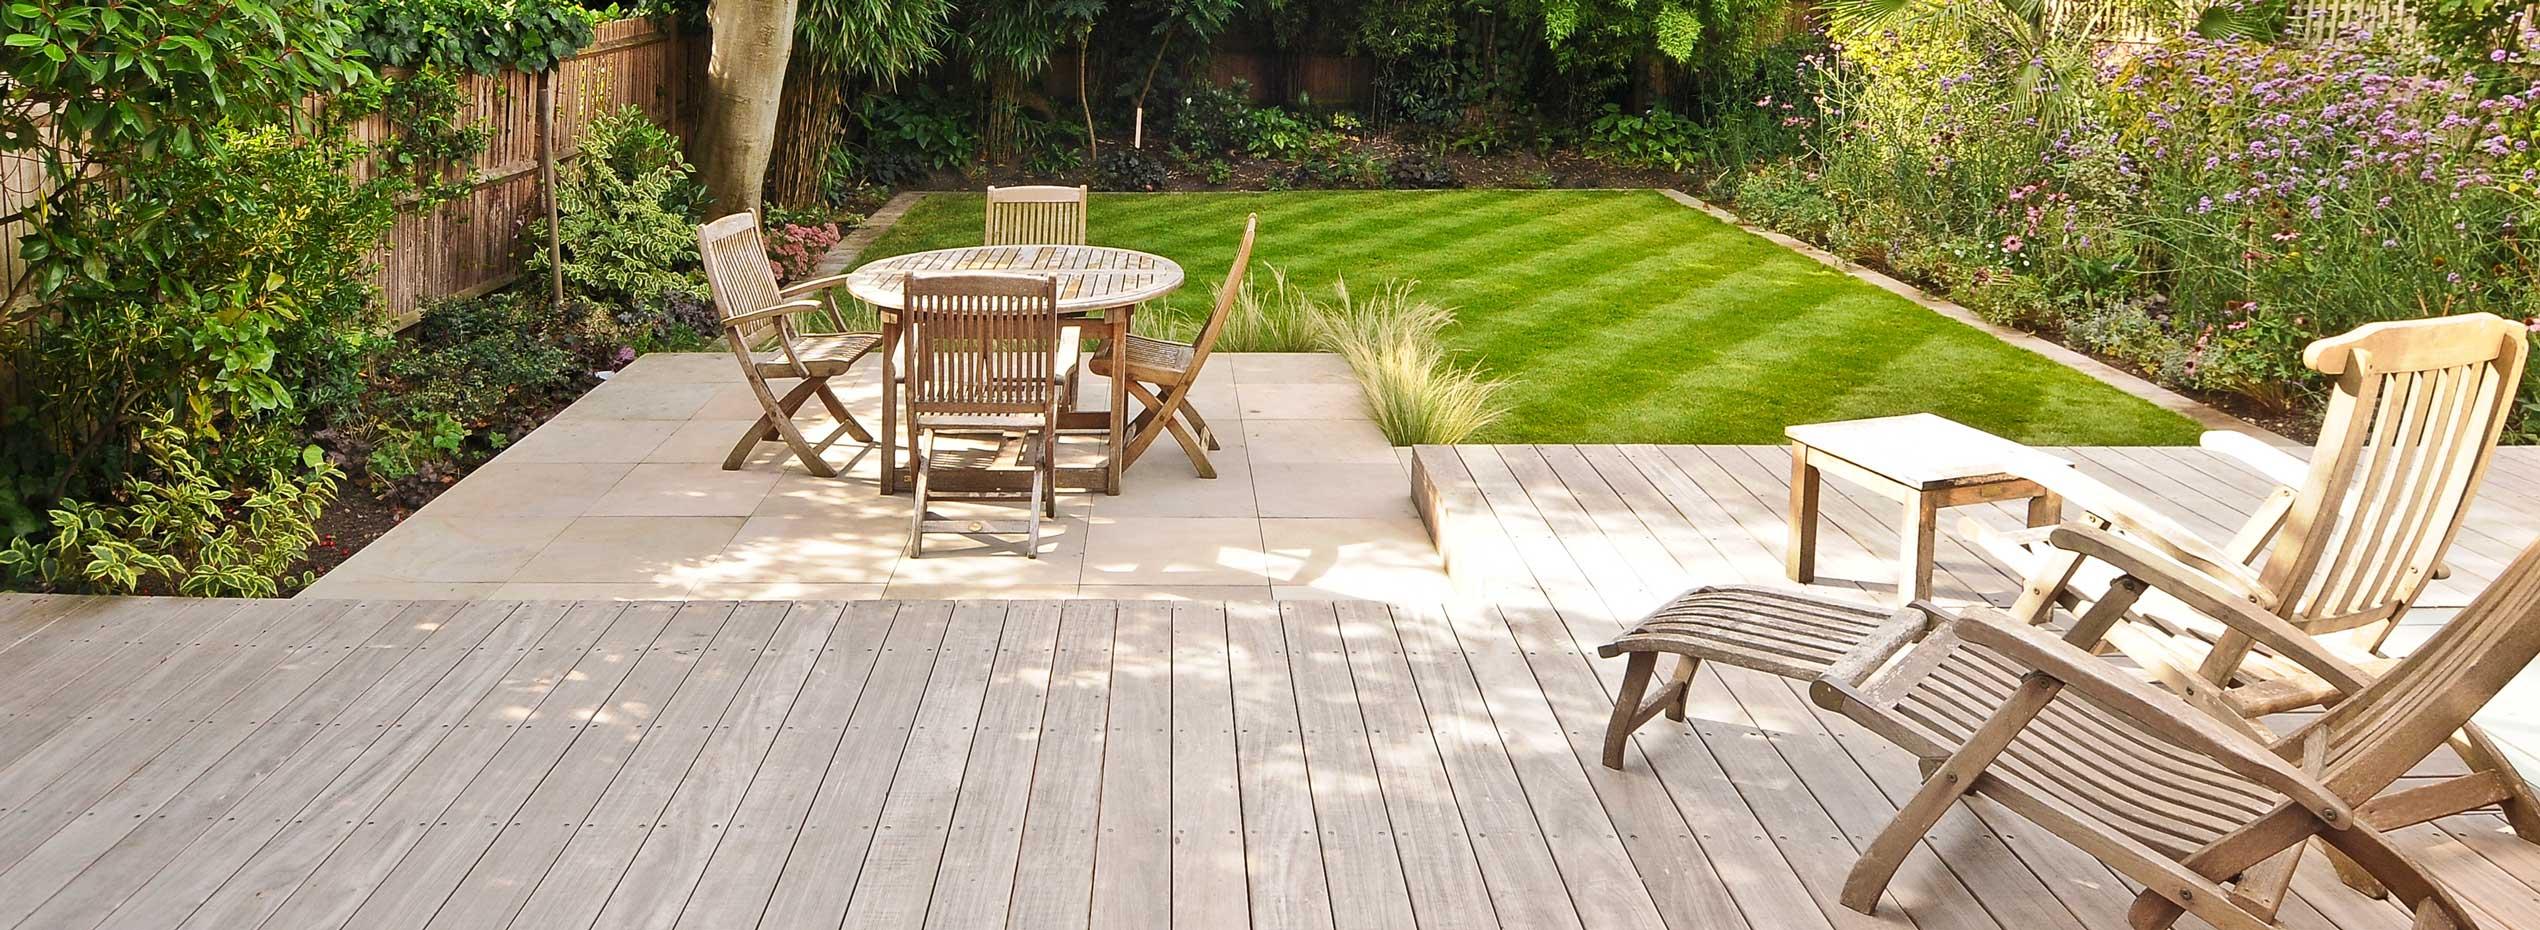 Garden Design in London, 5